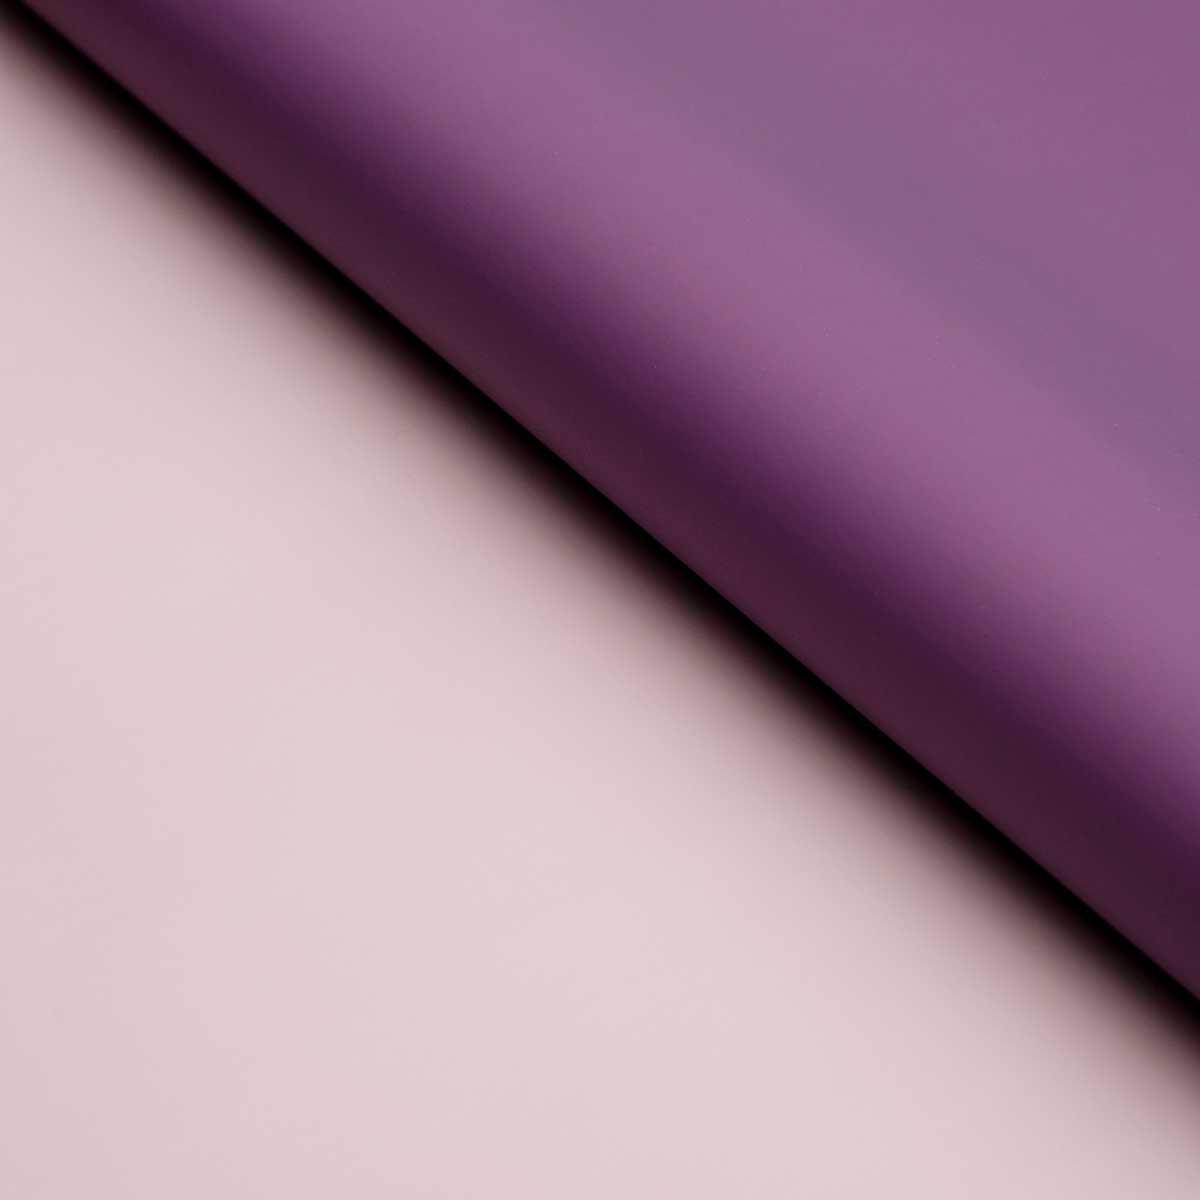 128467 Пленка матовая двухсторонняя 60*60 см, цвет сиреневый